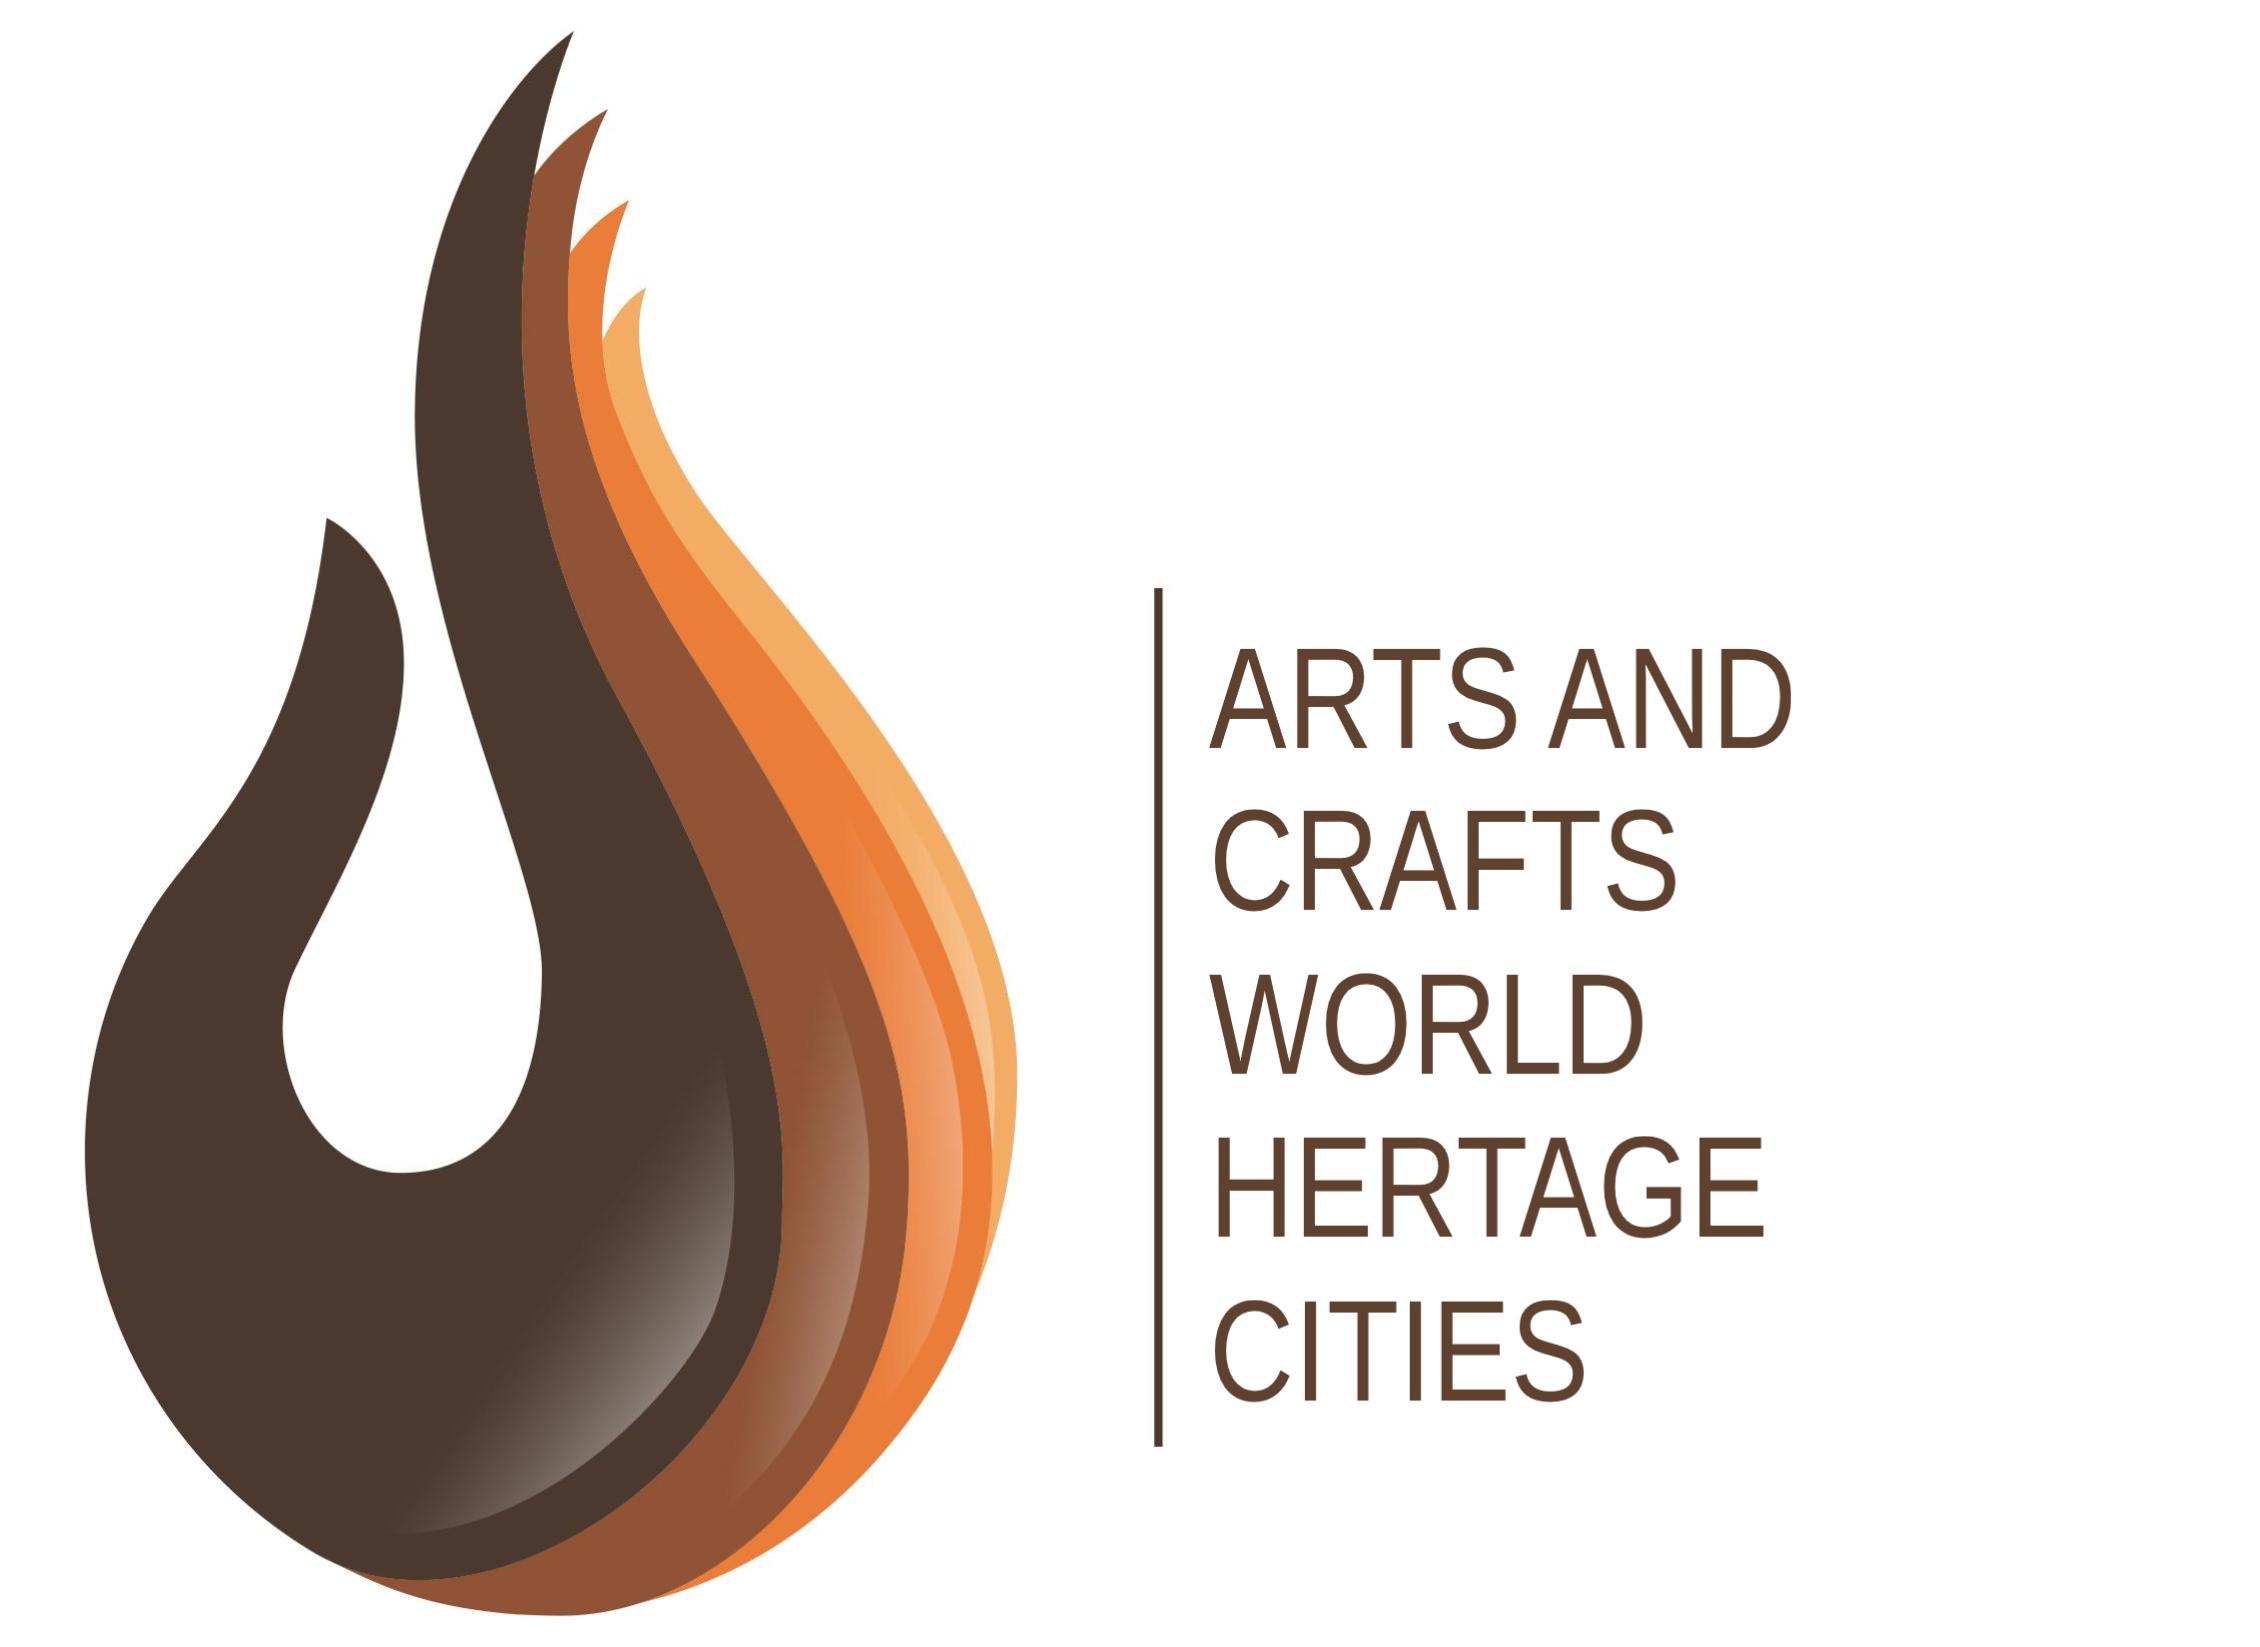 Artes y Oficios Ciudades Patrimonio Mundial